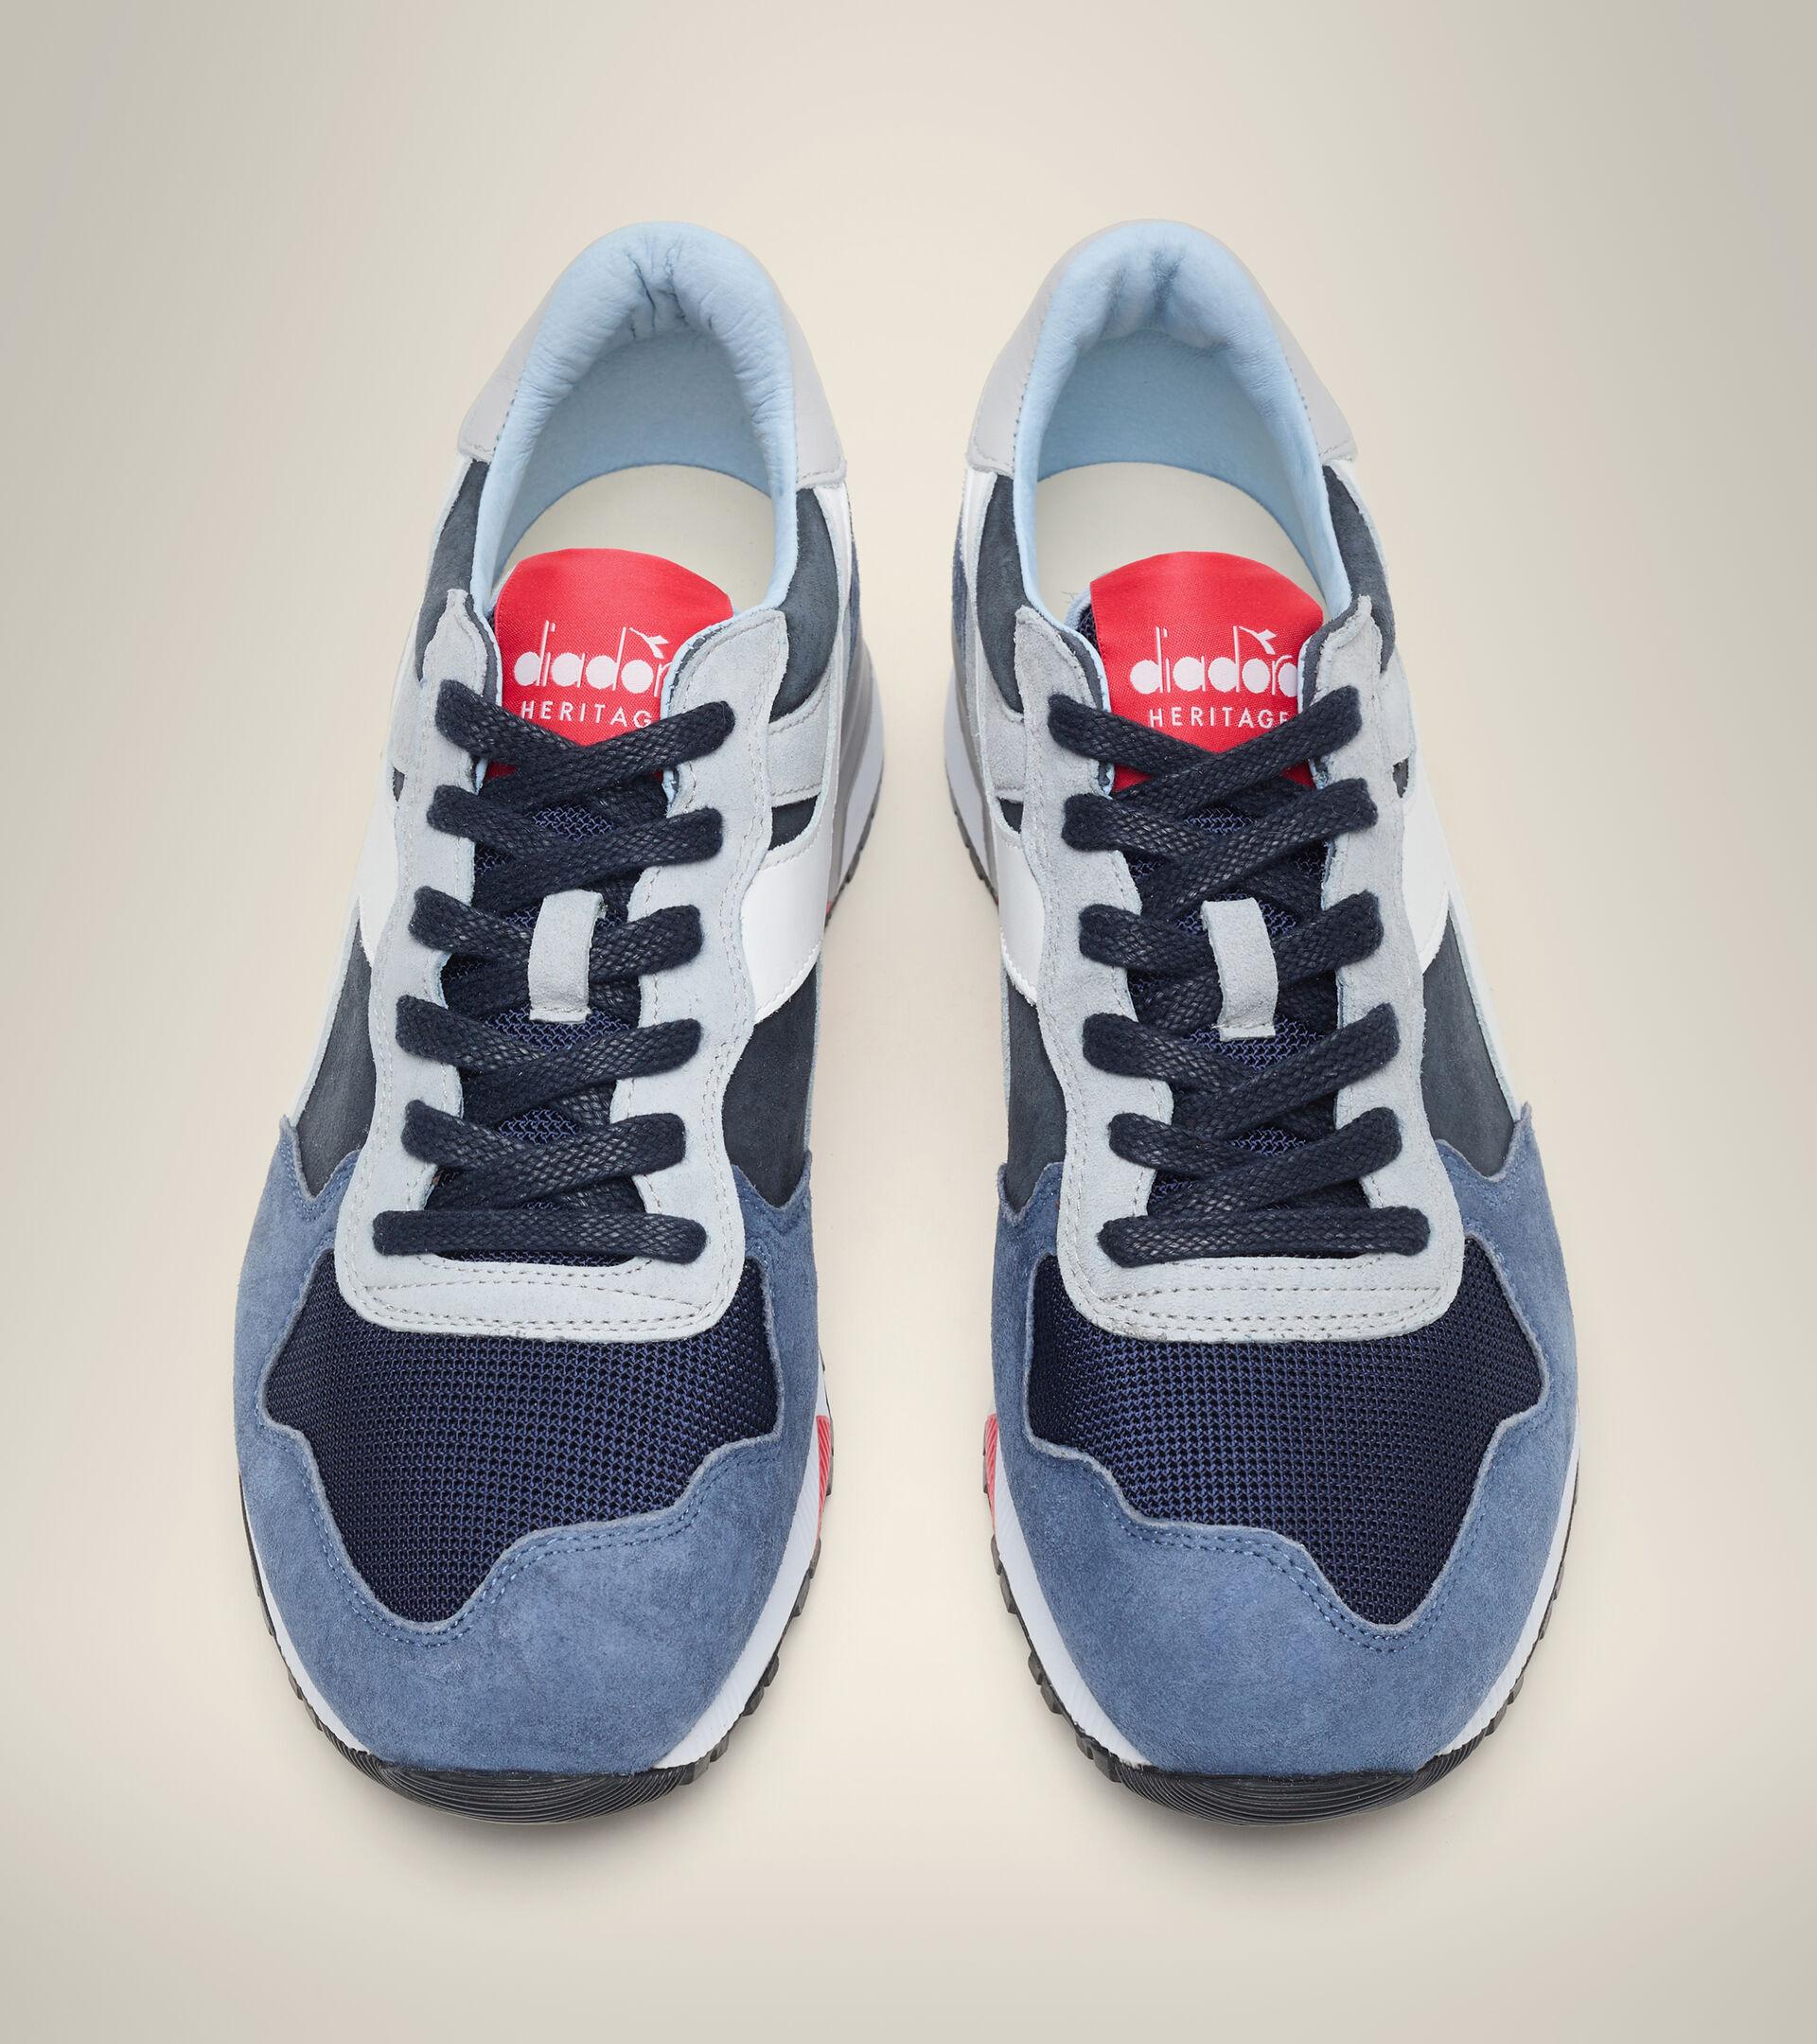 Footwear Heritage UOMO TRIDENT 90 SUEDE SW AZUL NOCHE Diadora